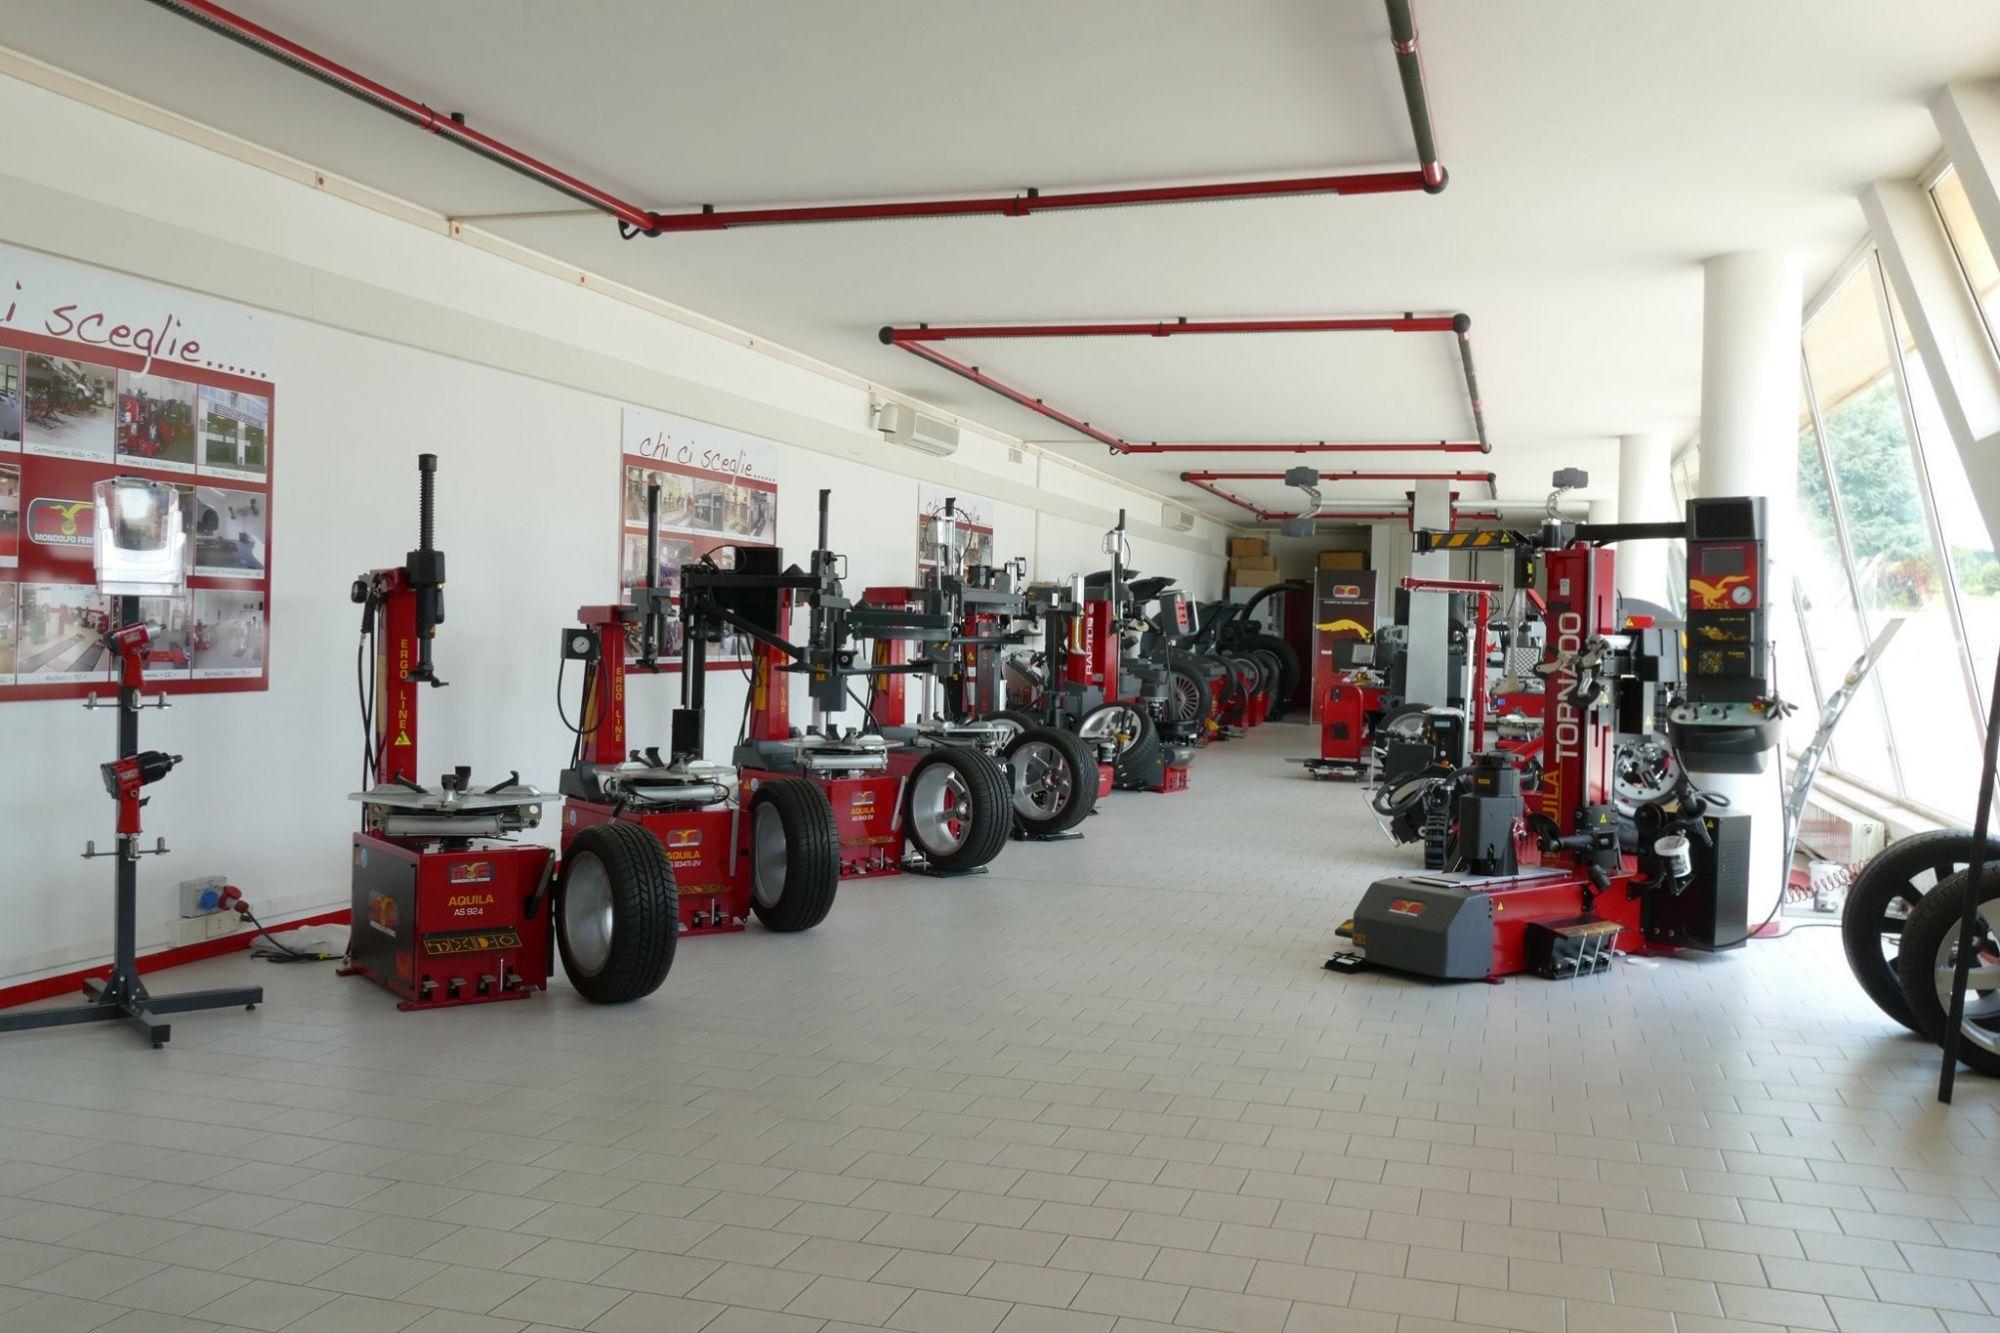 Φωτογραφίες από τους χώρους εκπαίδευσης του εργοστασίου της Mondolfo Ferro